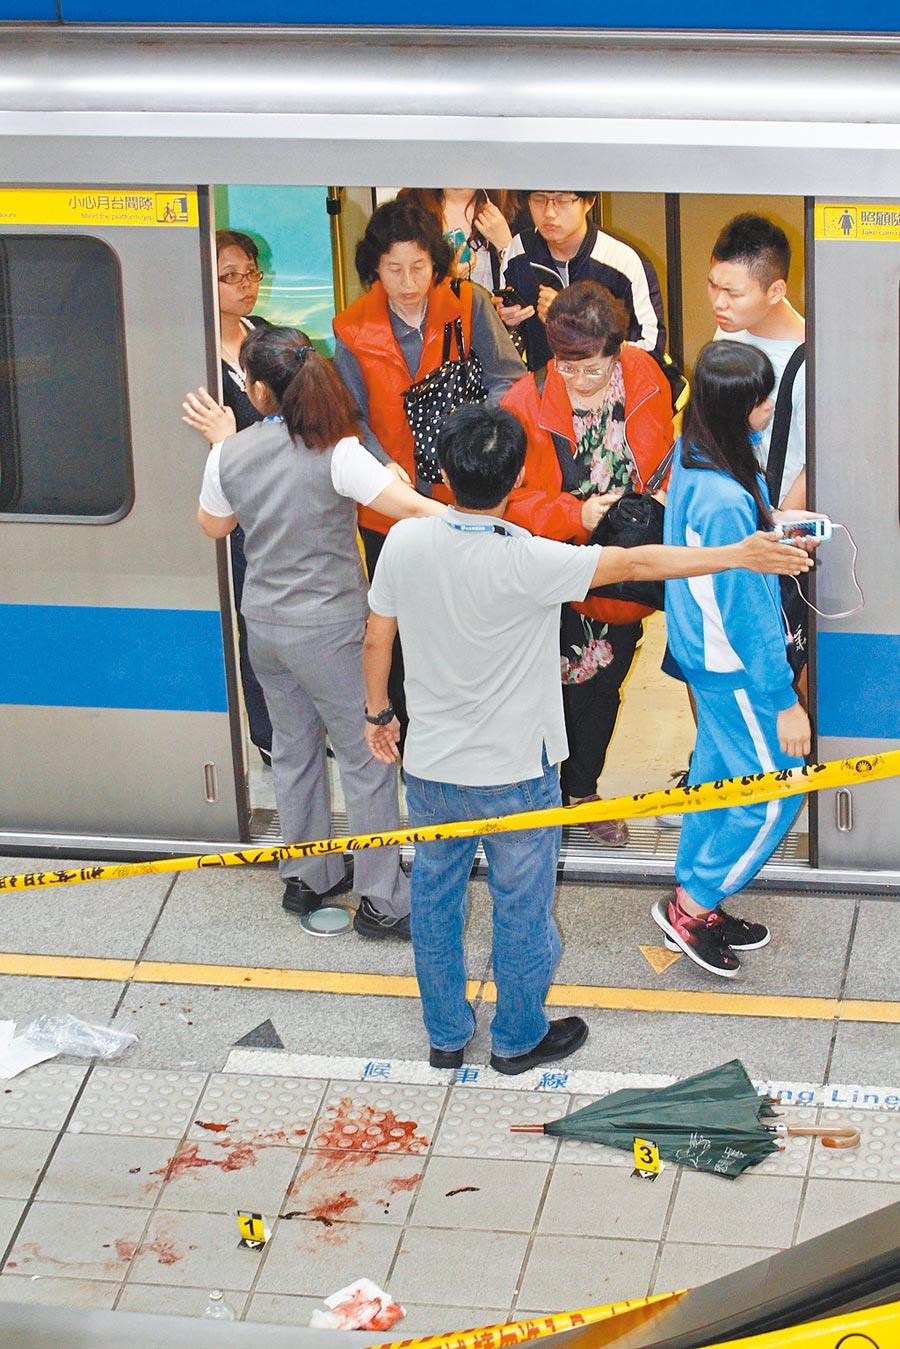 2014年5月21日,鄭捷砍人現場血跡斑斑,警方拉起封鎖線採證。(本報系資料照片)